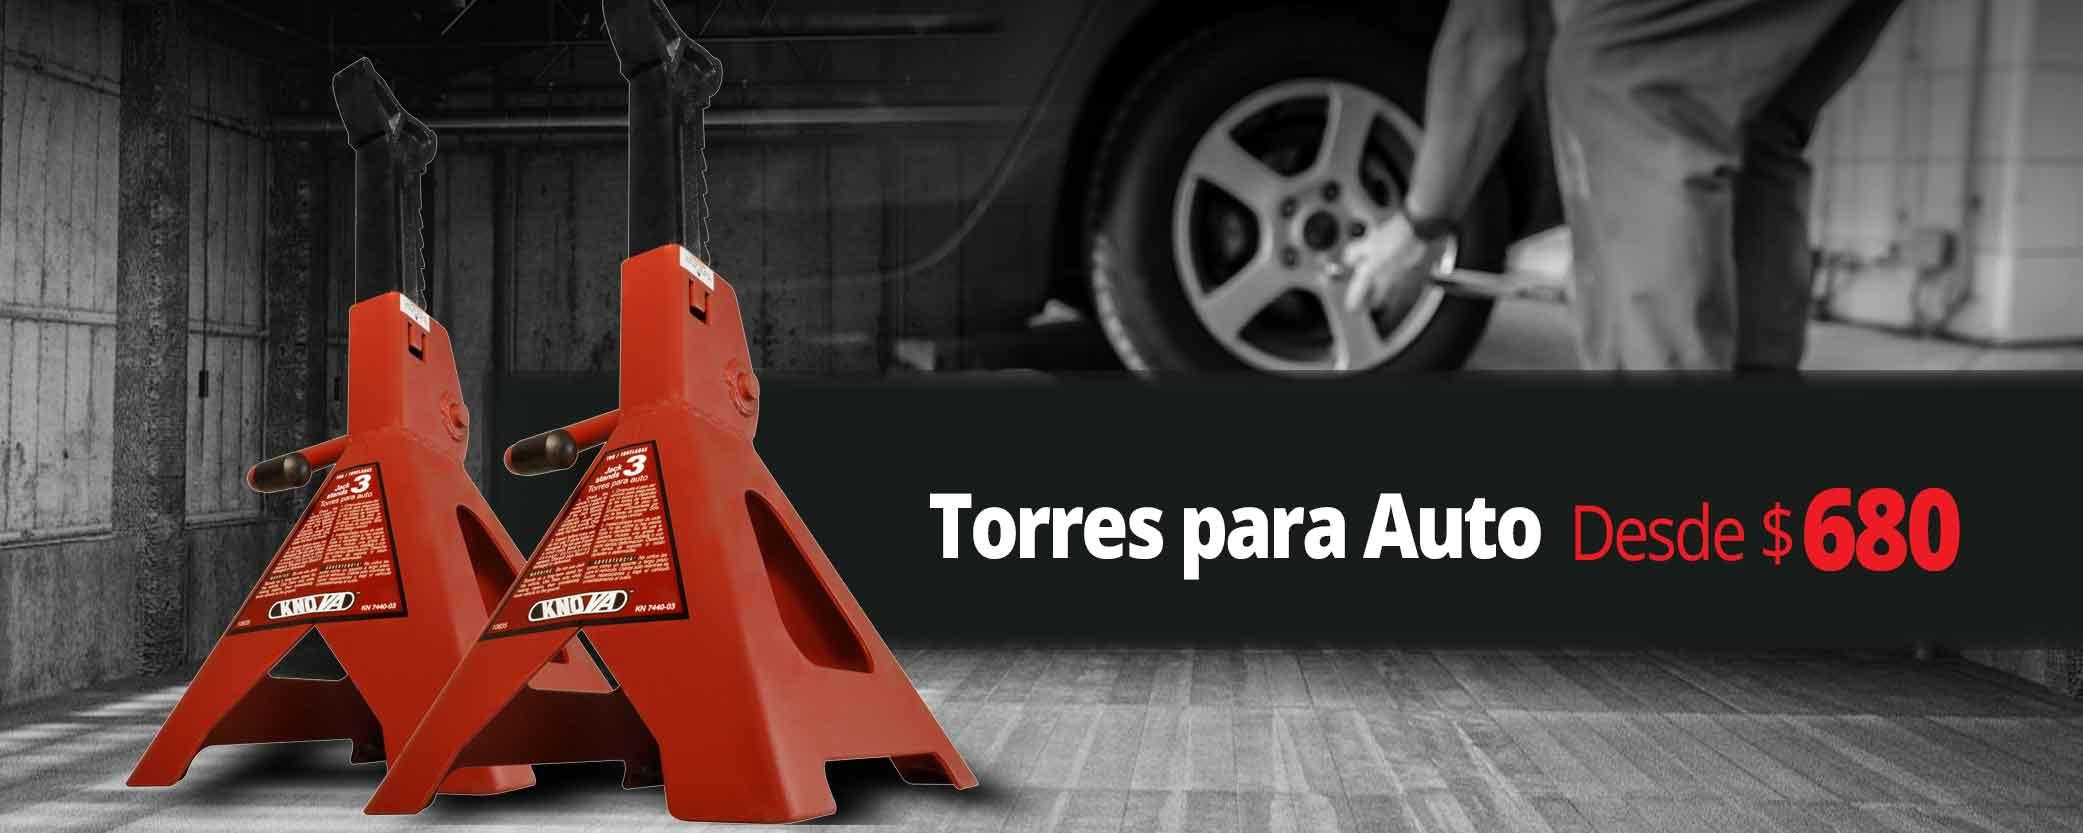 Banner Catalogo 3 - Torres para auto